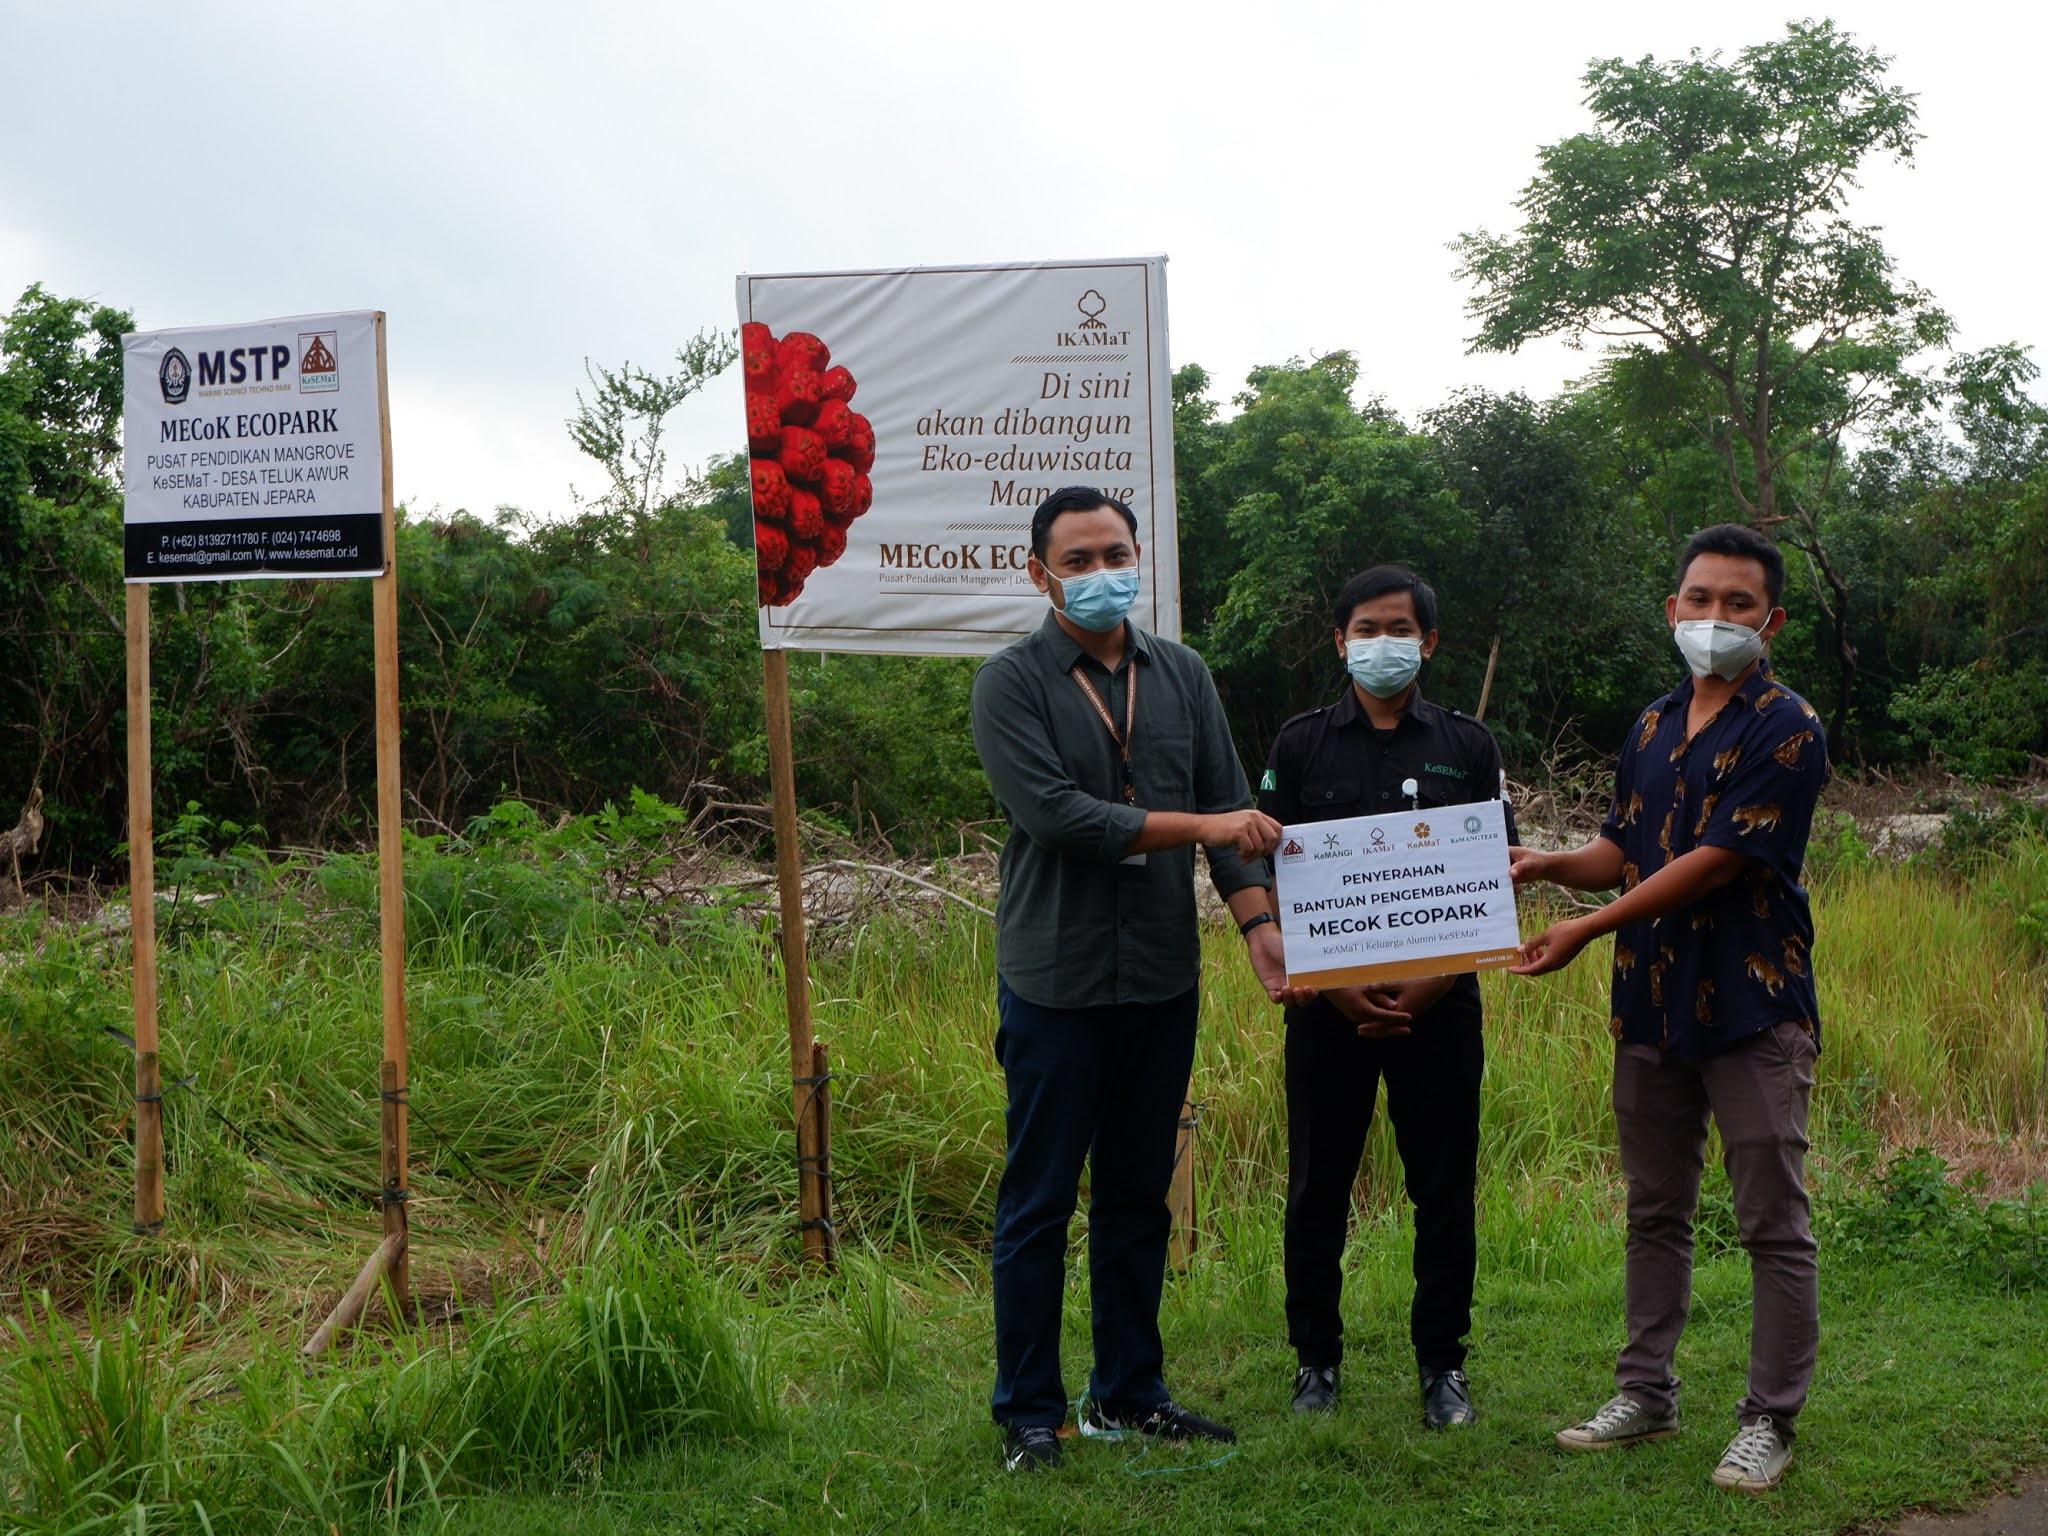 IKAMaT Resmi Mulai Program Pengembangan MECoK Ecopark di Jepara